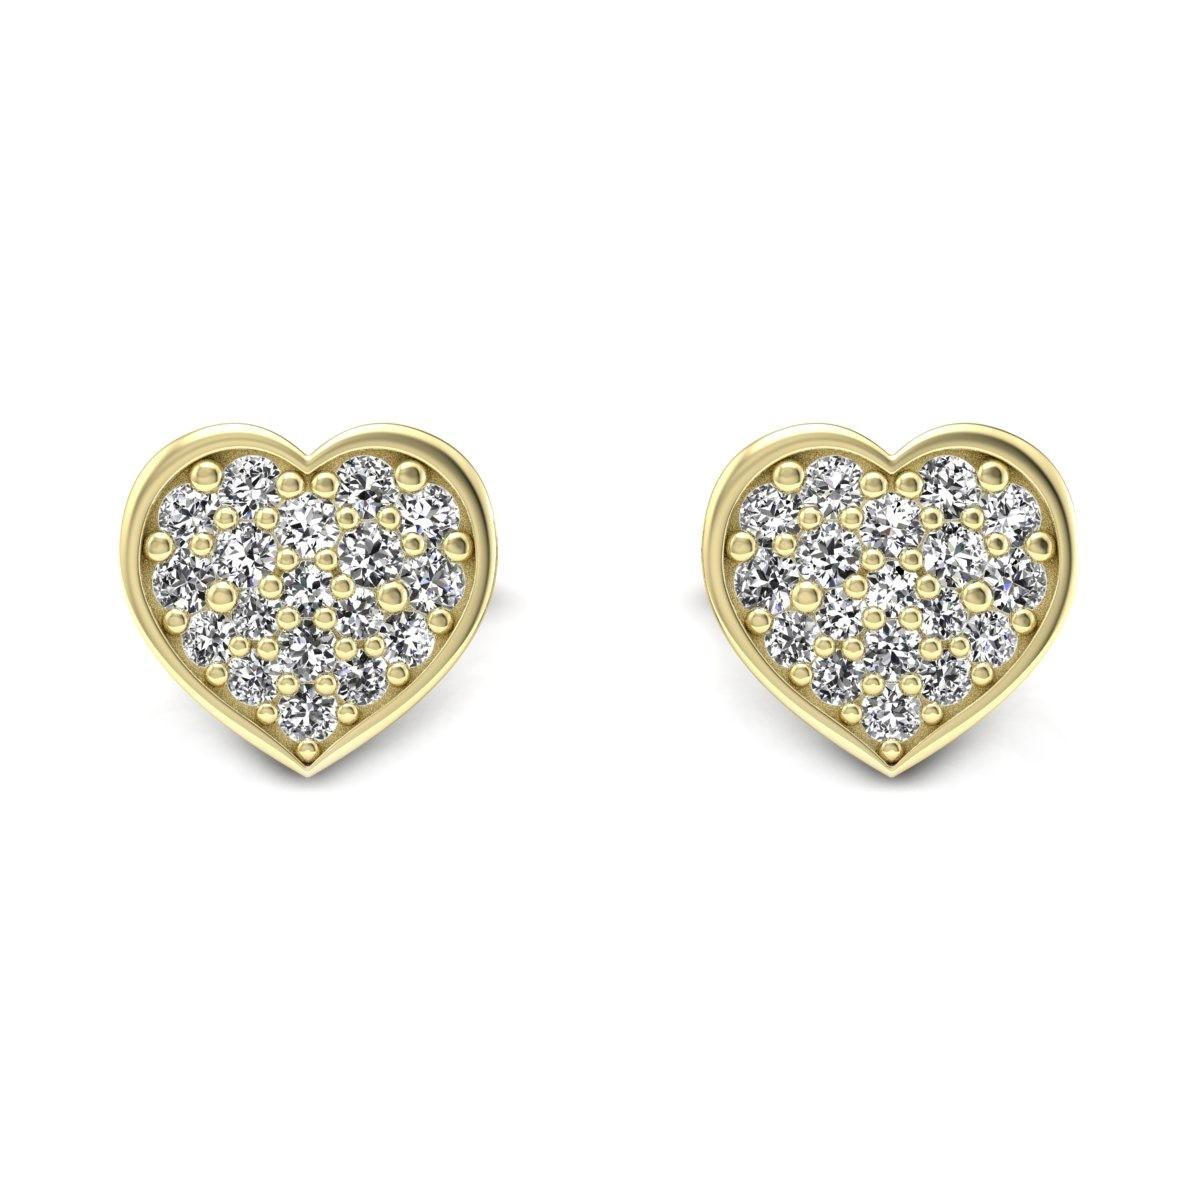 Heart - Kolczyki z diamentami żółte złoto